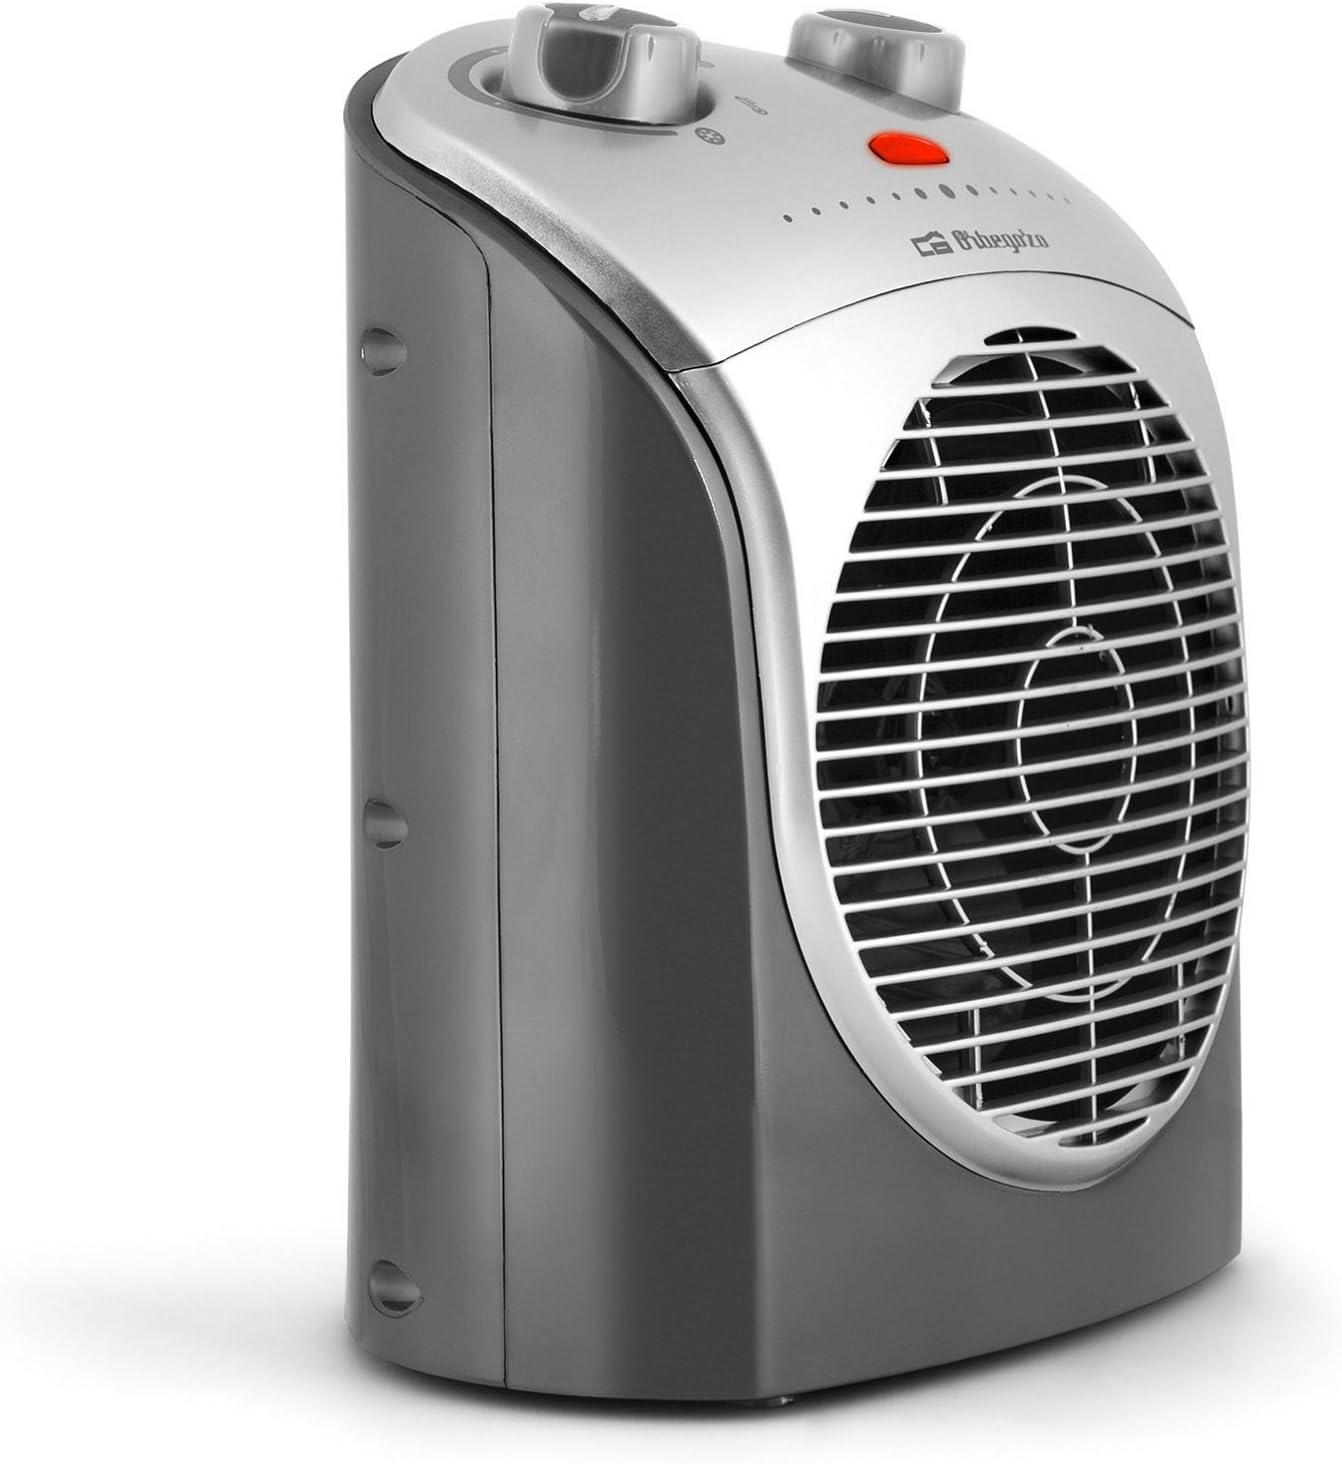 une position de ventilation Thermoventilateur compact 2200 W thermostat FH 5021 Gris et argent deux positions de chaleur 1100 W et 2200 W Orbegozo FH 5021